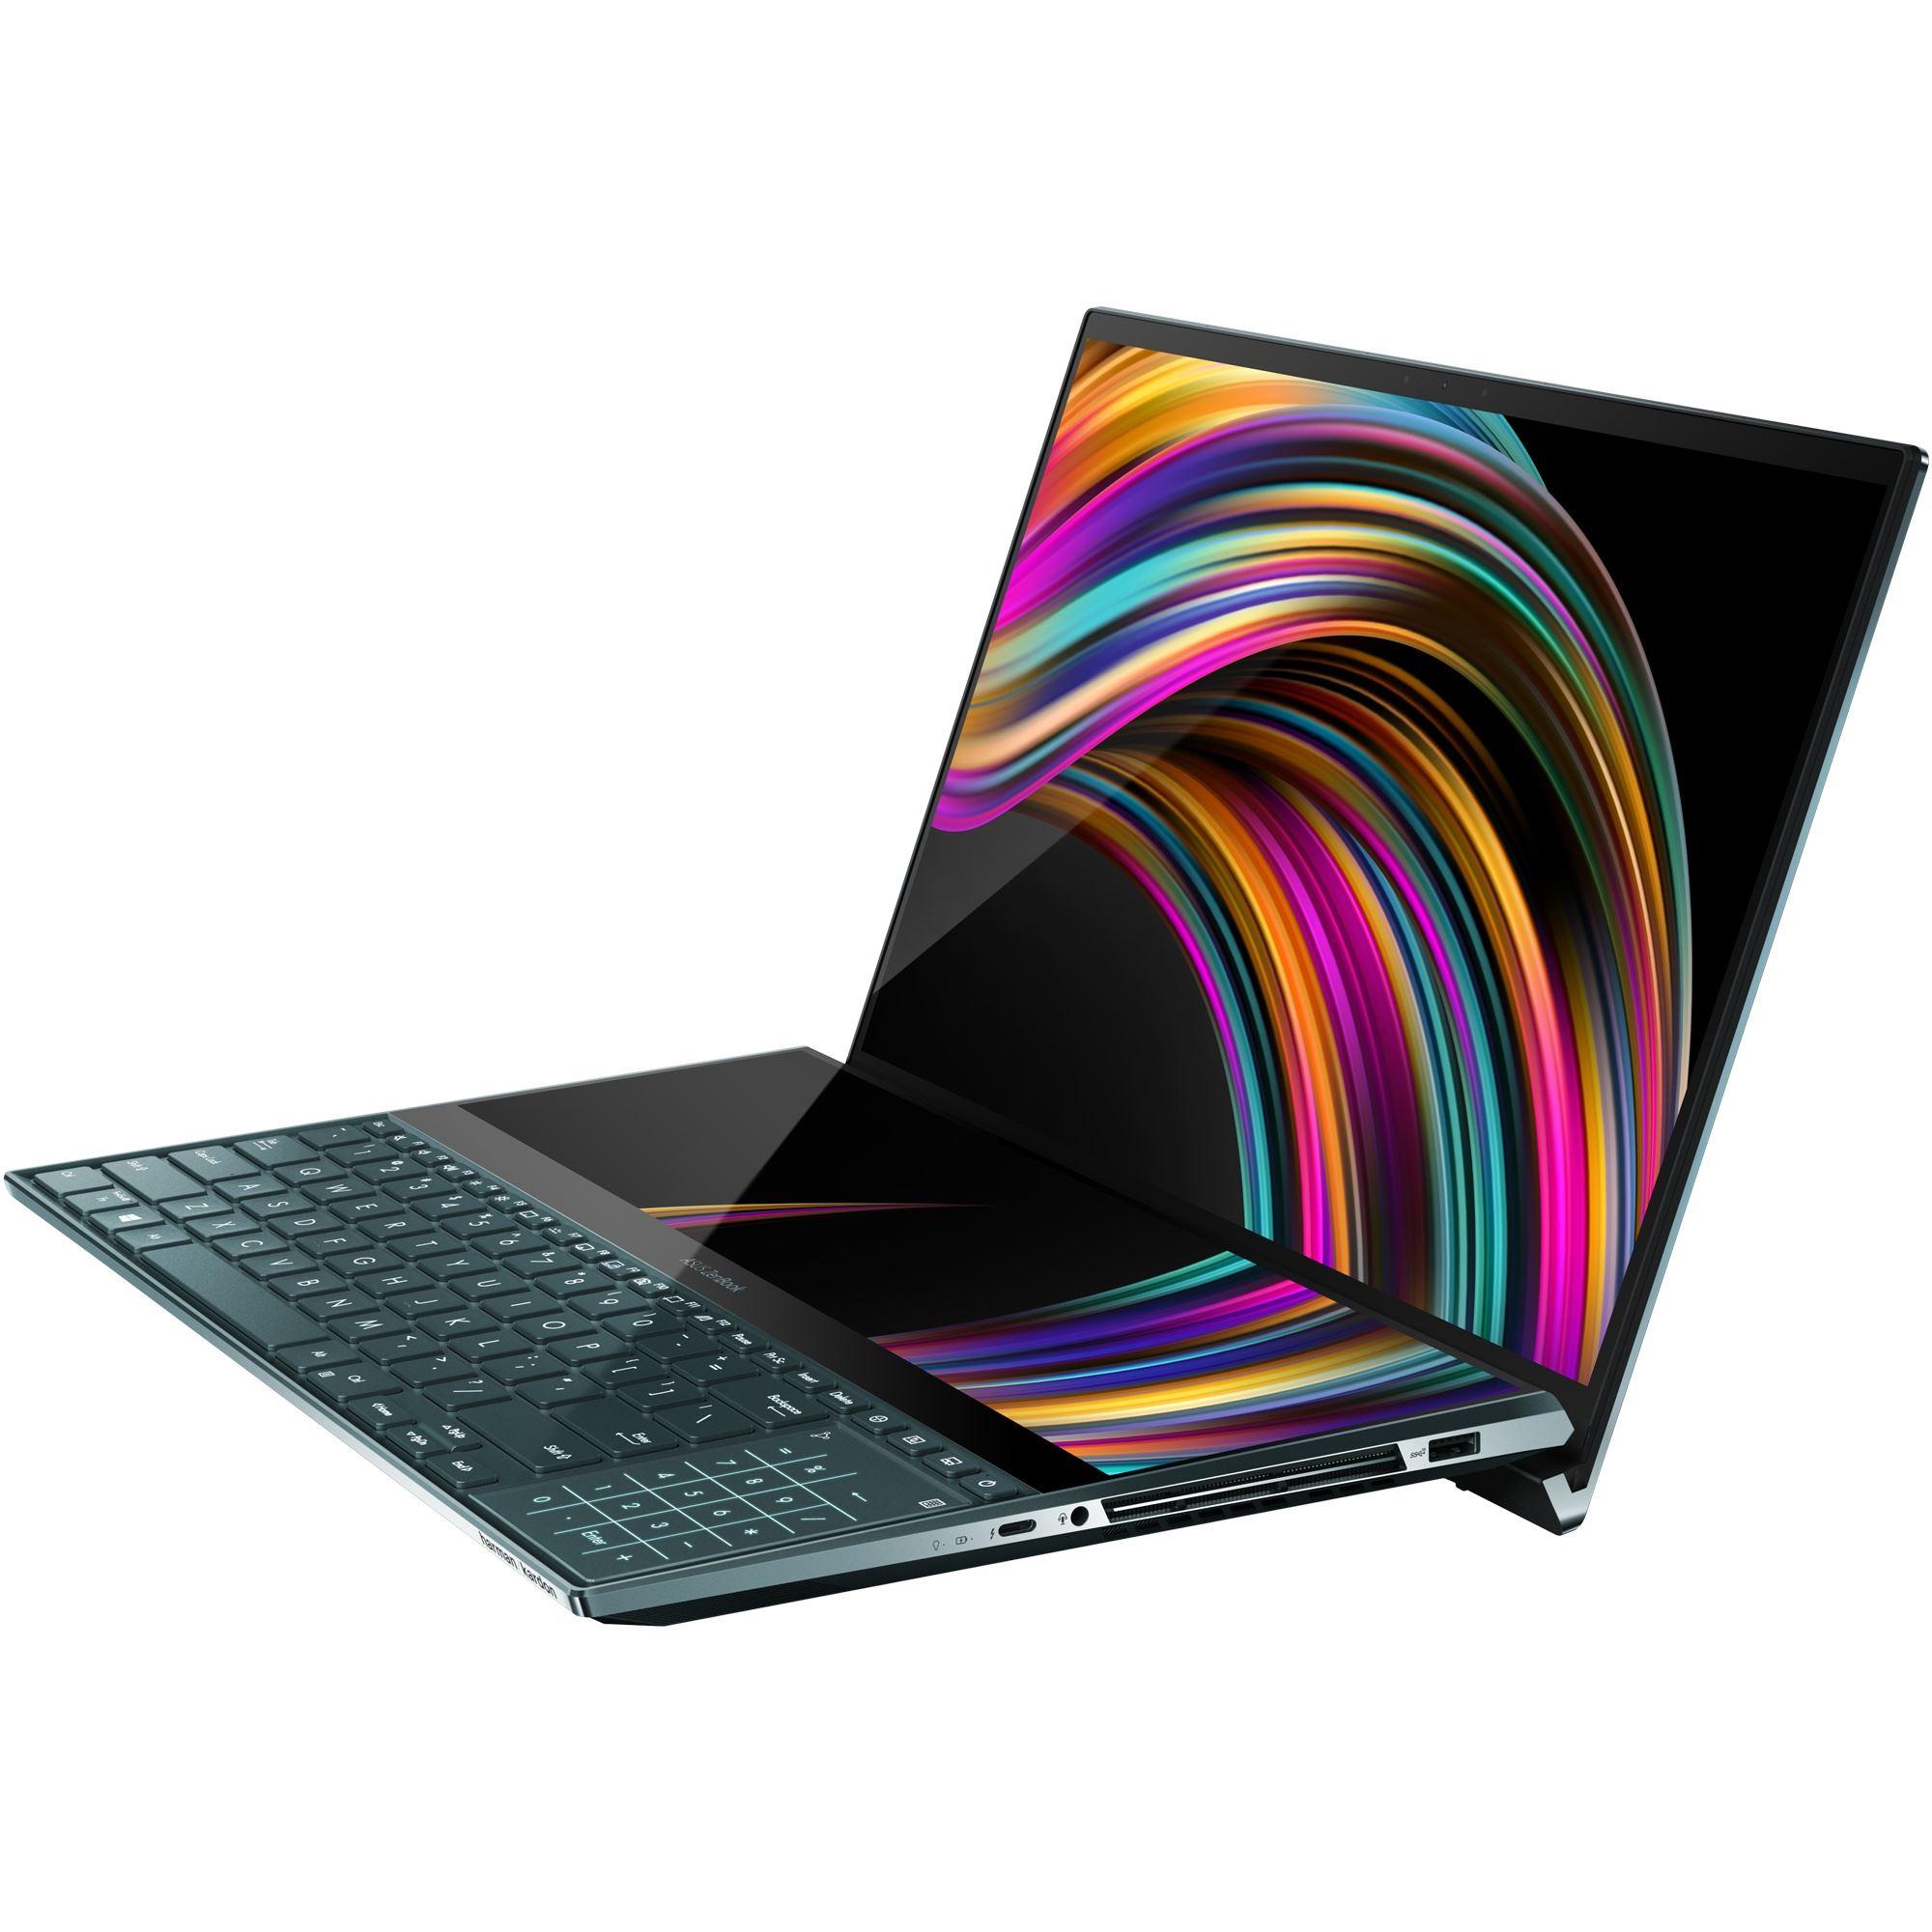 Asus-Zenbook-Pro-Duo-UX581-27